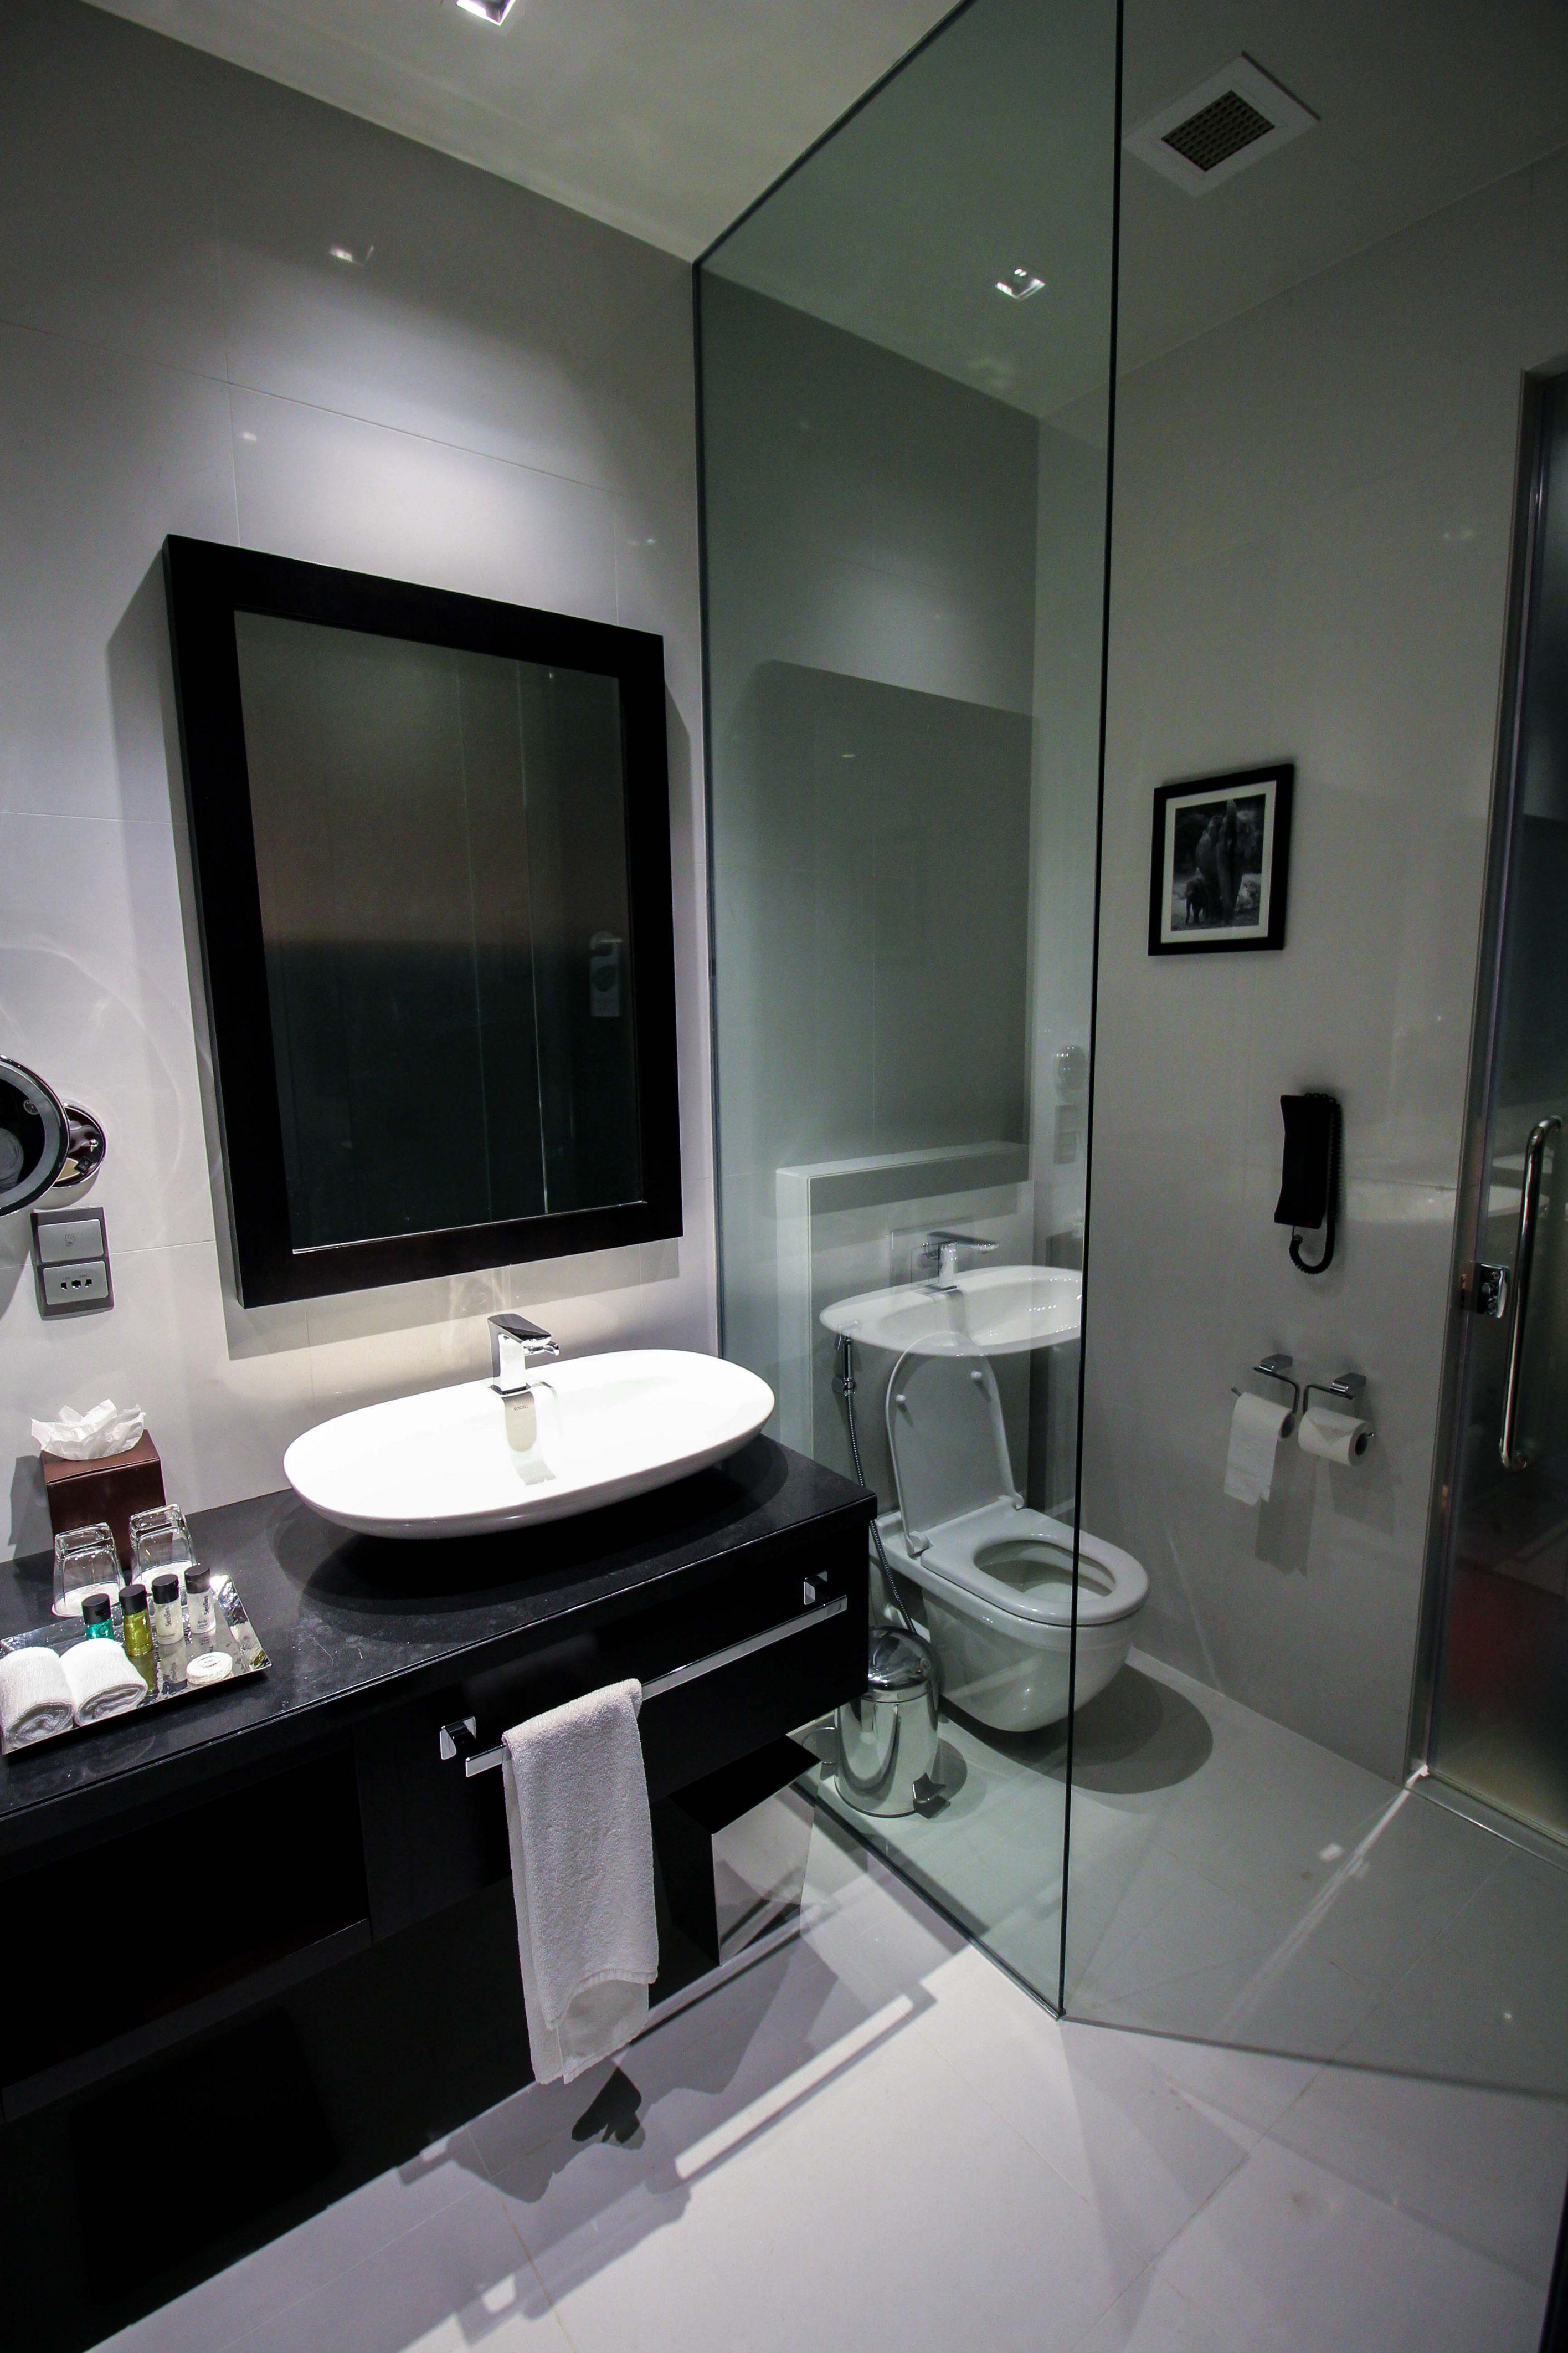 Mövenpick Colombo Hotel Reiseblog Reisebericht Superior Zimmer King-Size Bett Meerblick Badezimmer Rundreise Sri Lanka 2